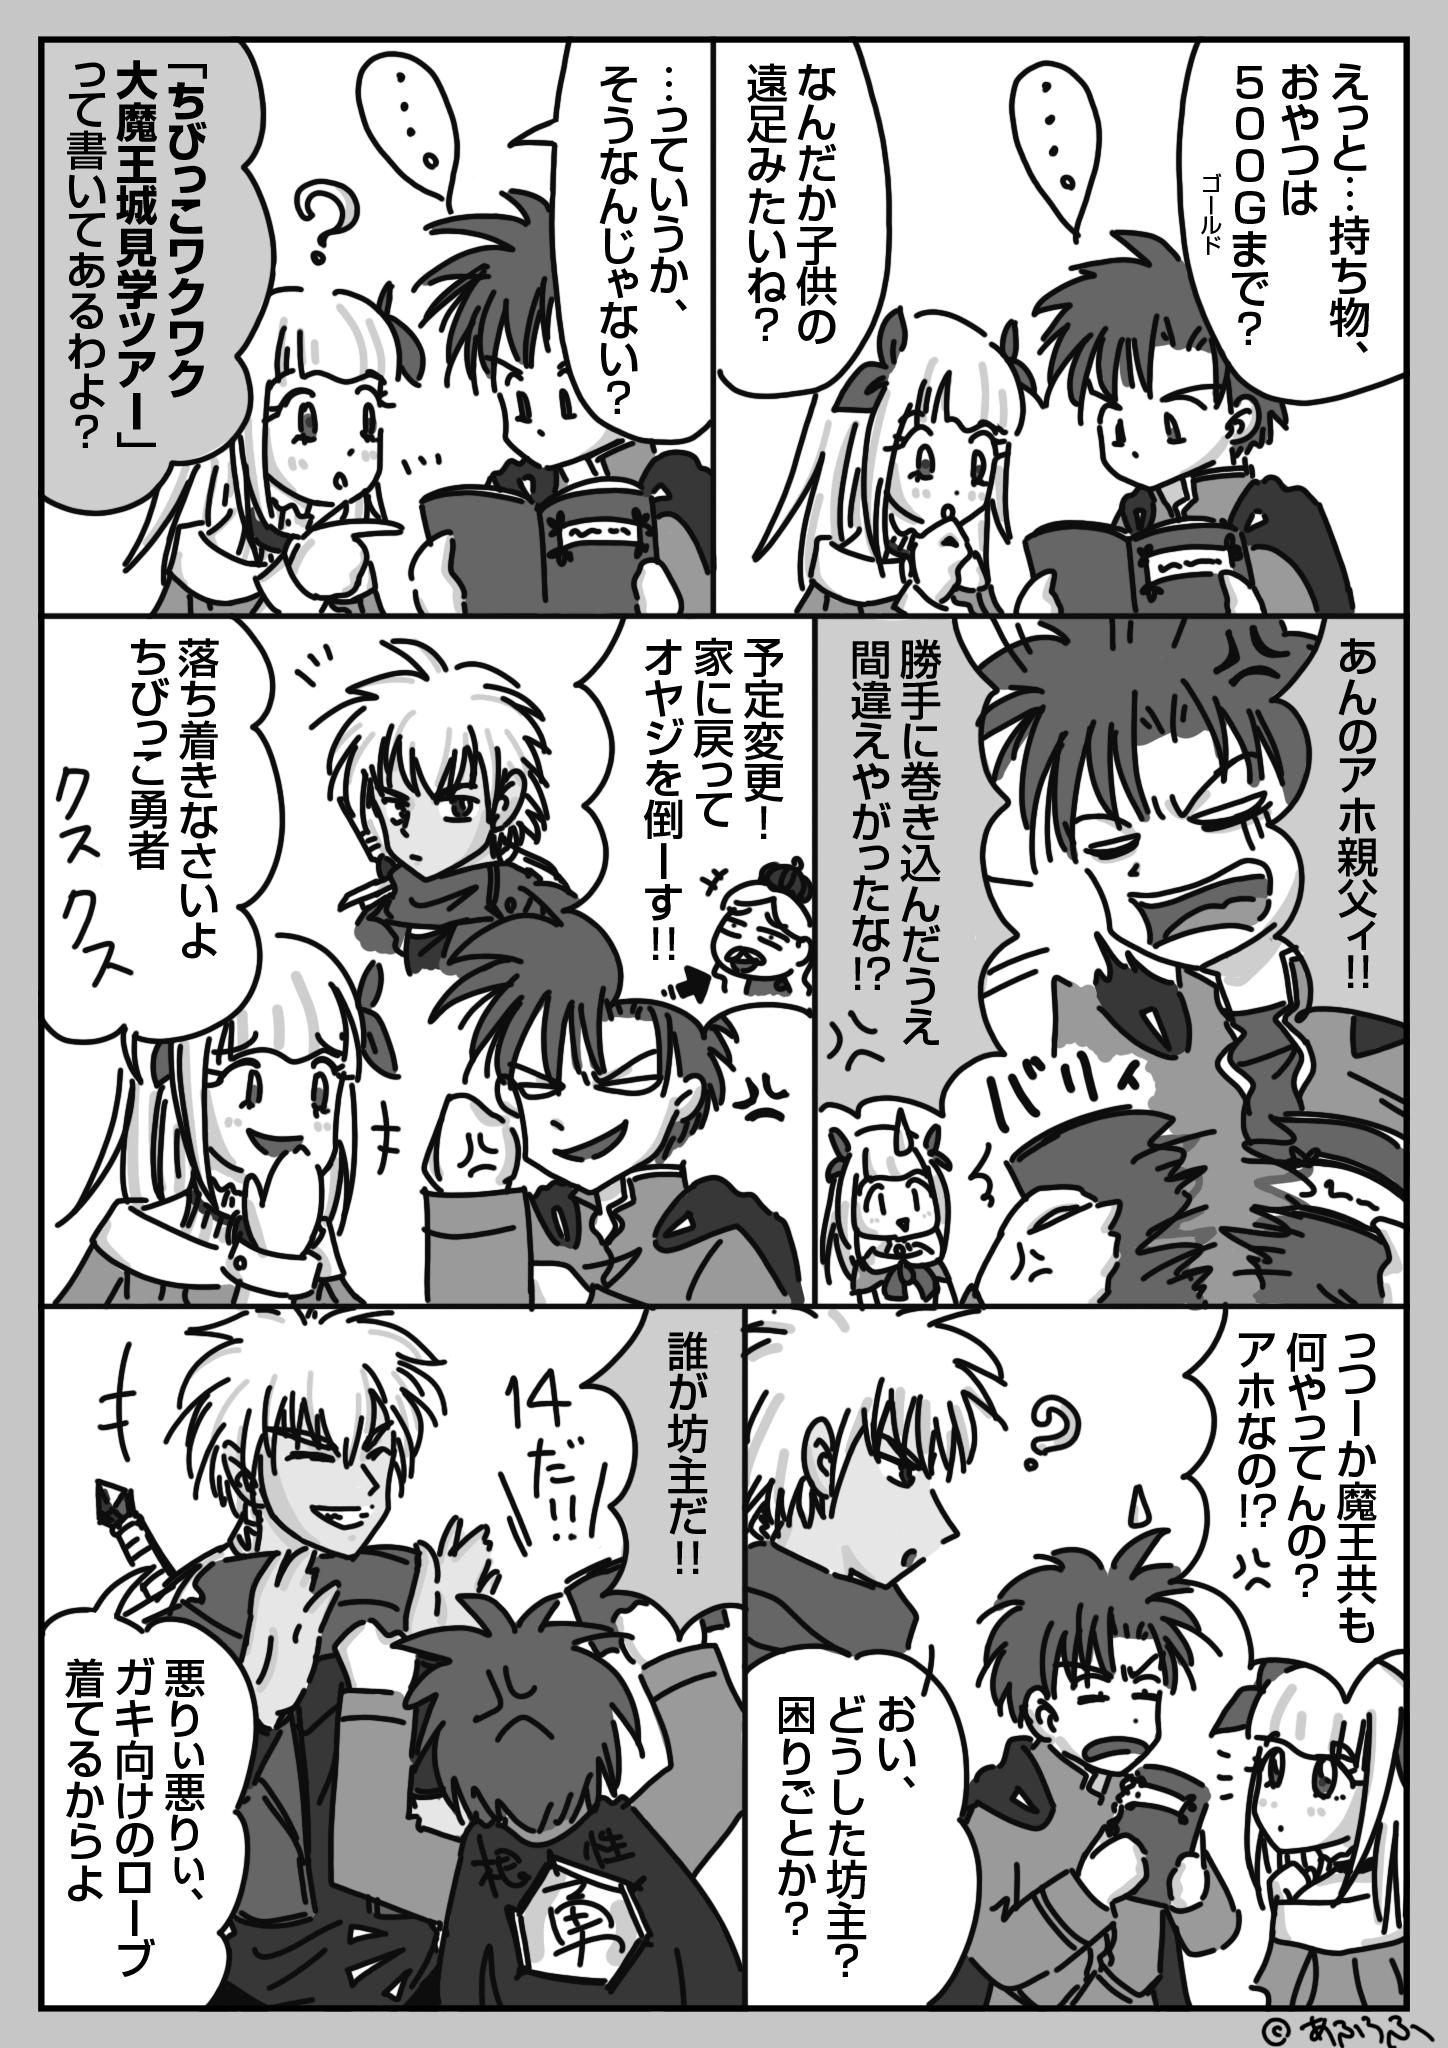 5話『大魔王城ツアーバスと暗黒タイツ軍団』(3)